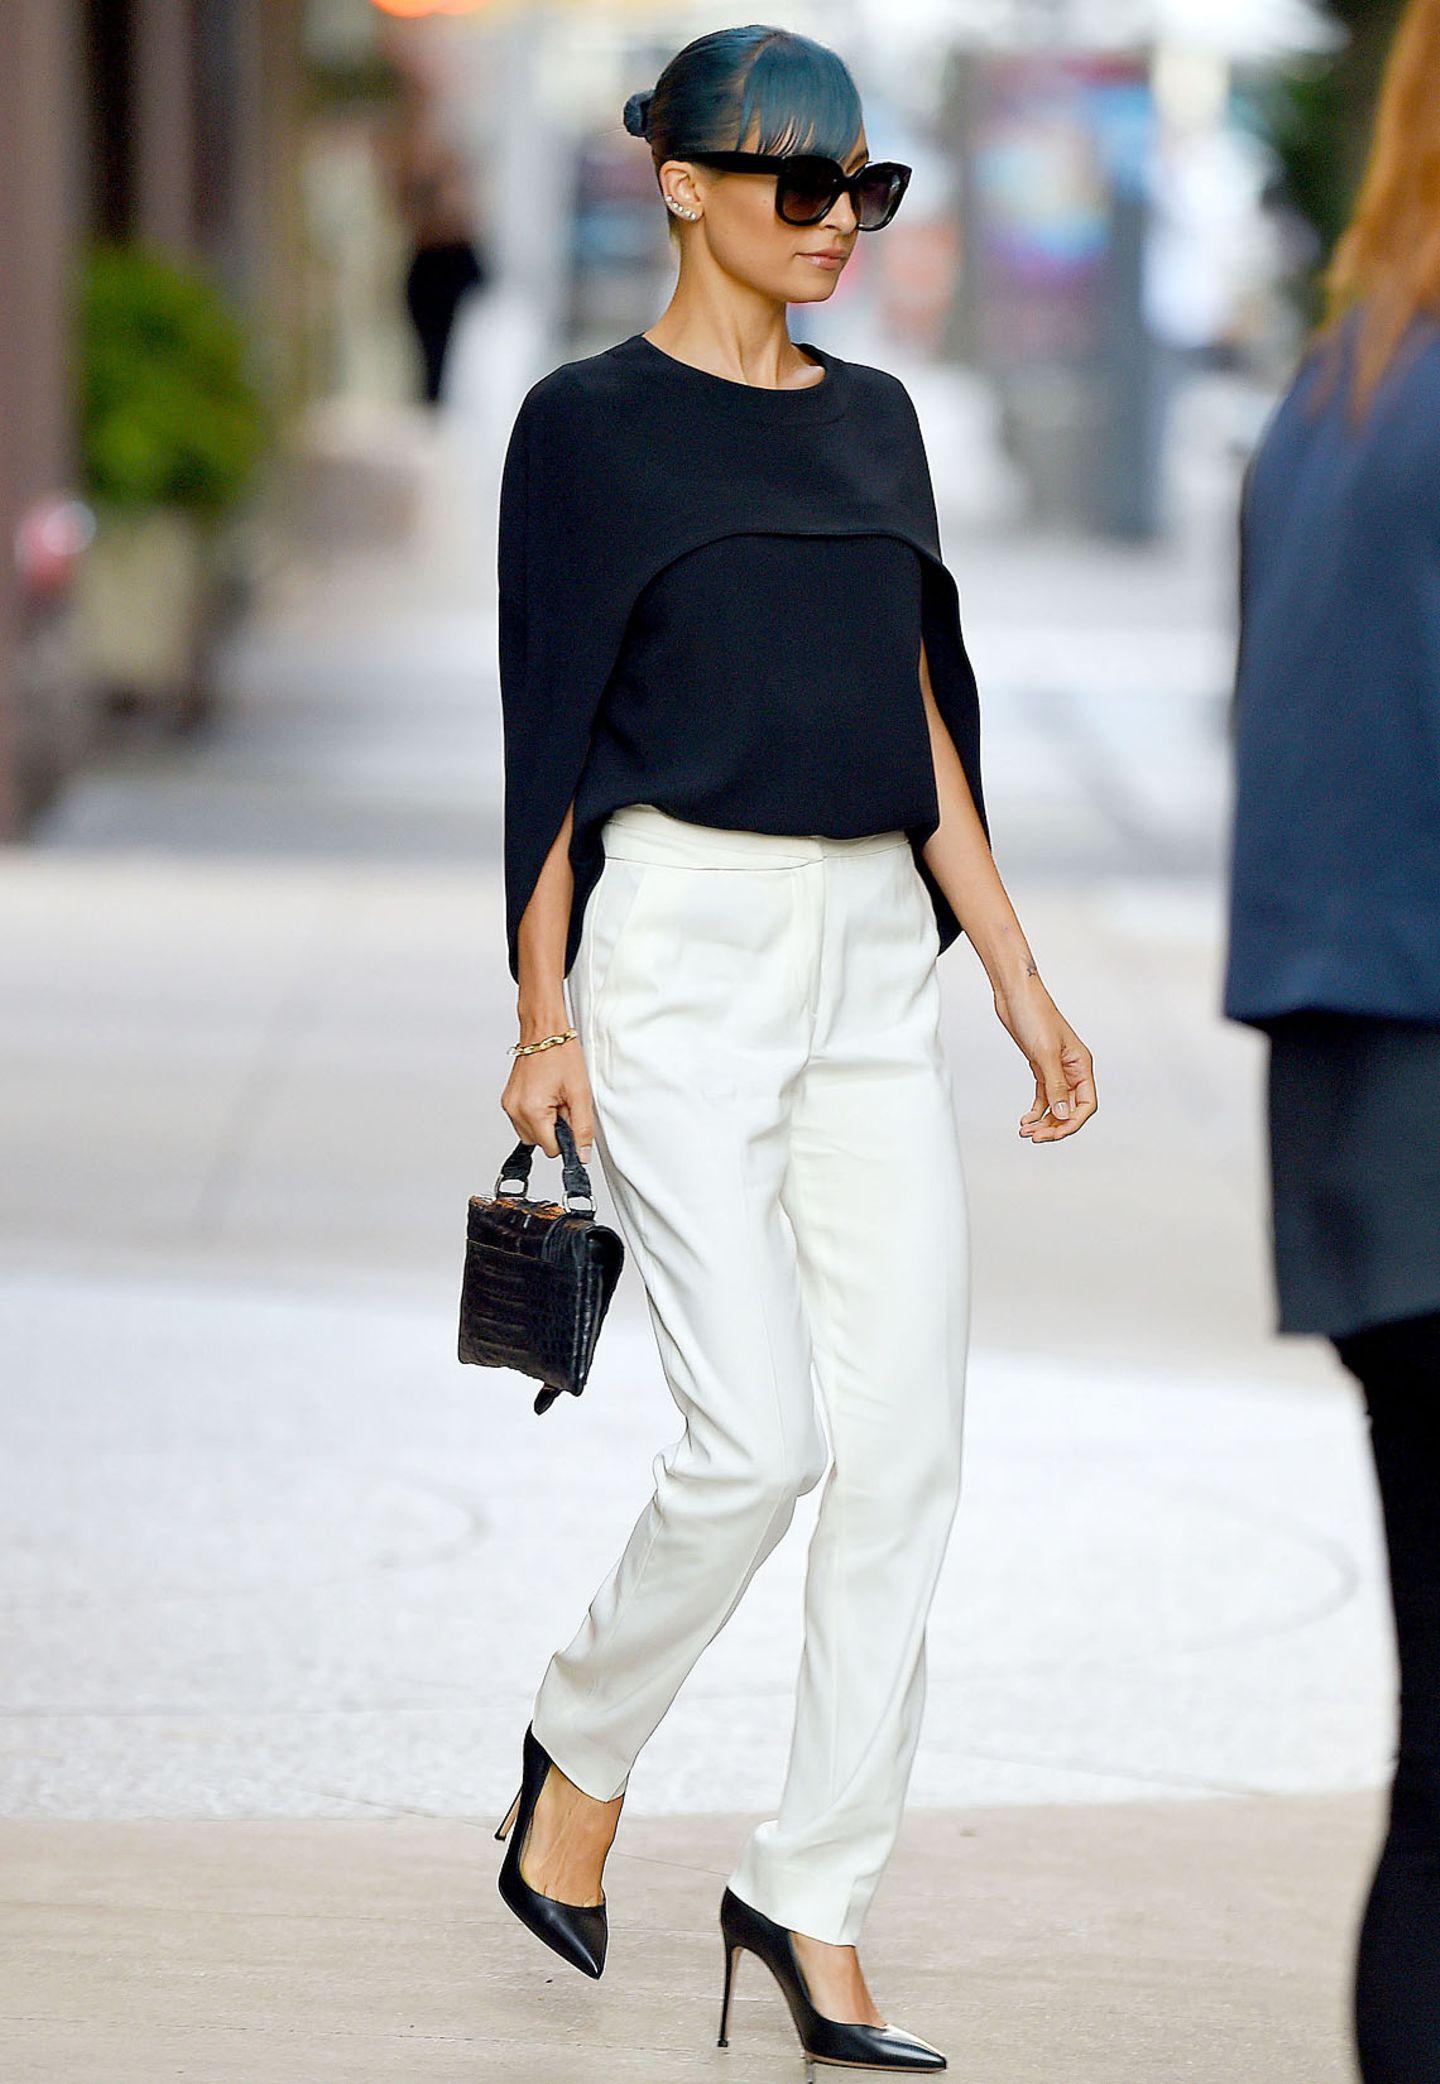 Auch It-Girl Nicole Richie ist von dem umgerechnet 840€ teuren Balenciaga-Oberteil begeistert. Sie setzt allerdings auf Eleganz und stylt zum Designer-Oberteil eine schicke Hose.